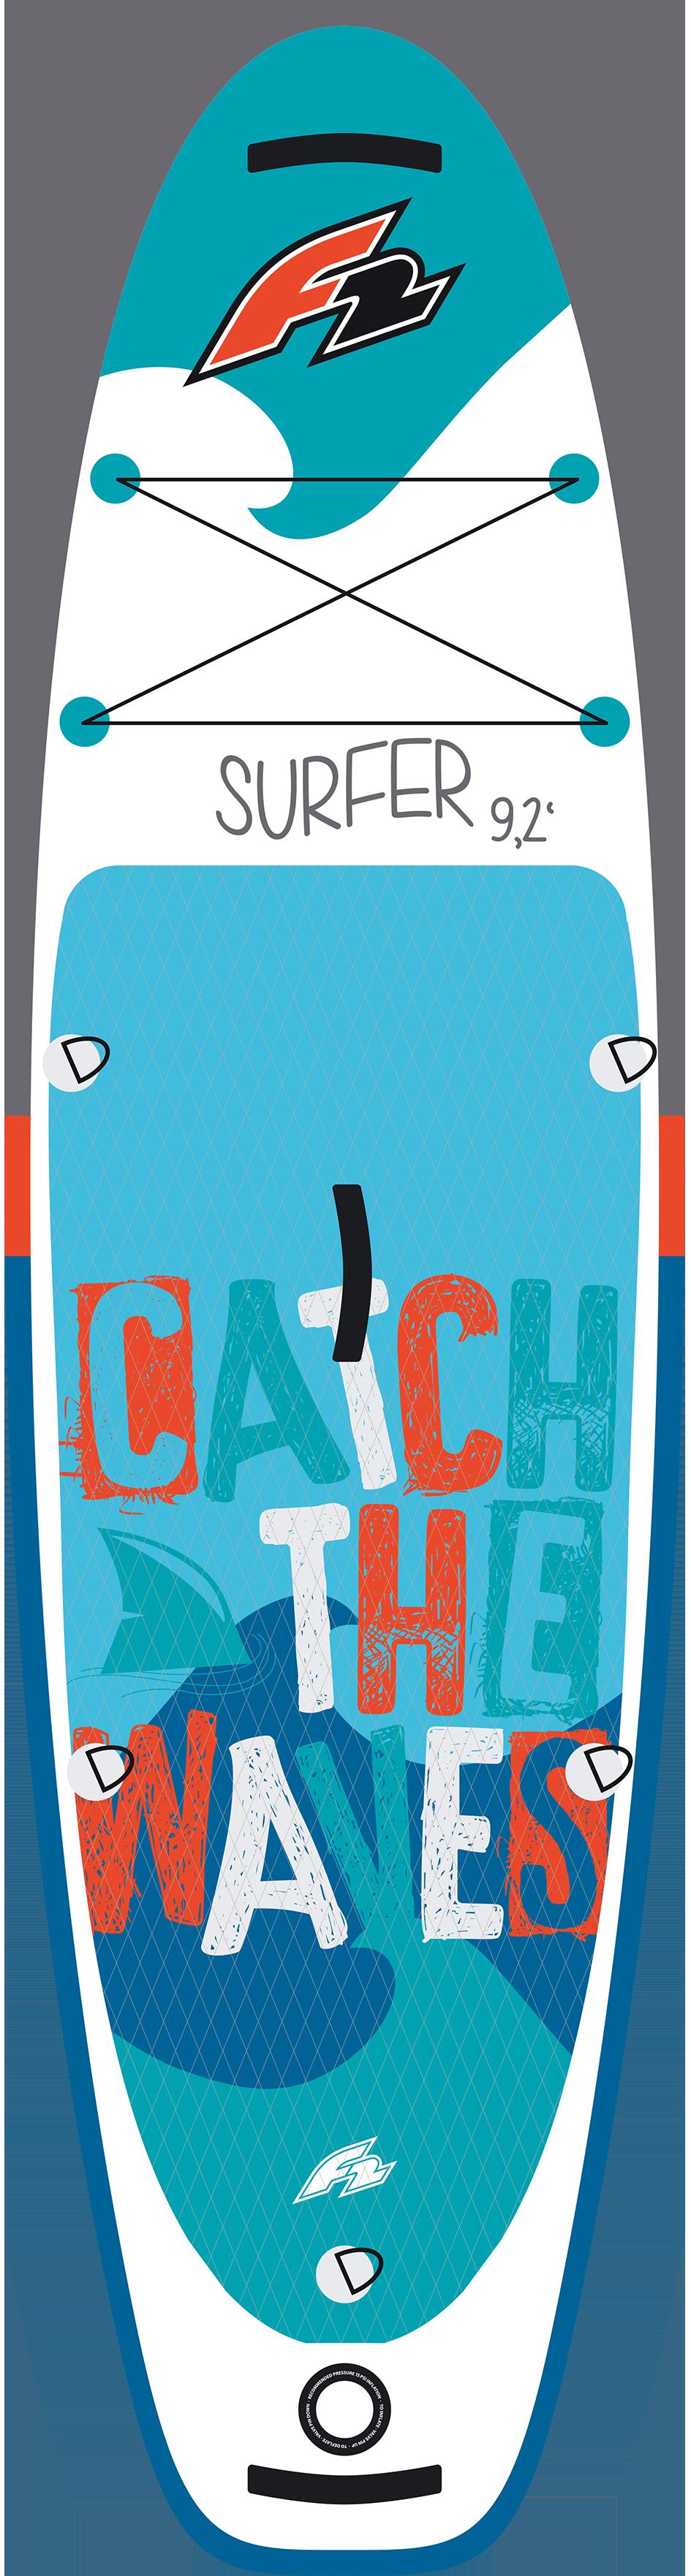 SURFER KID - Top